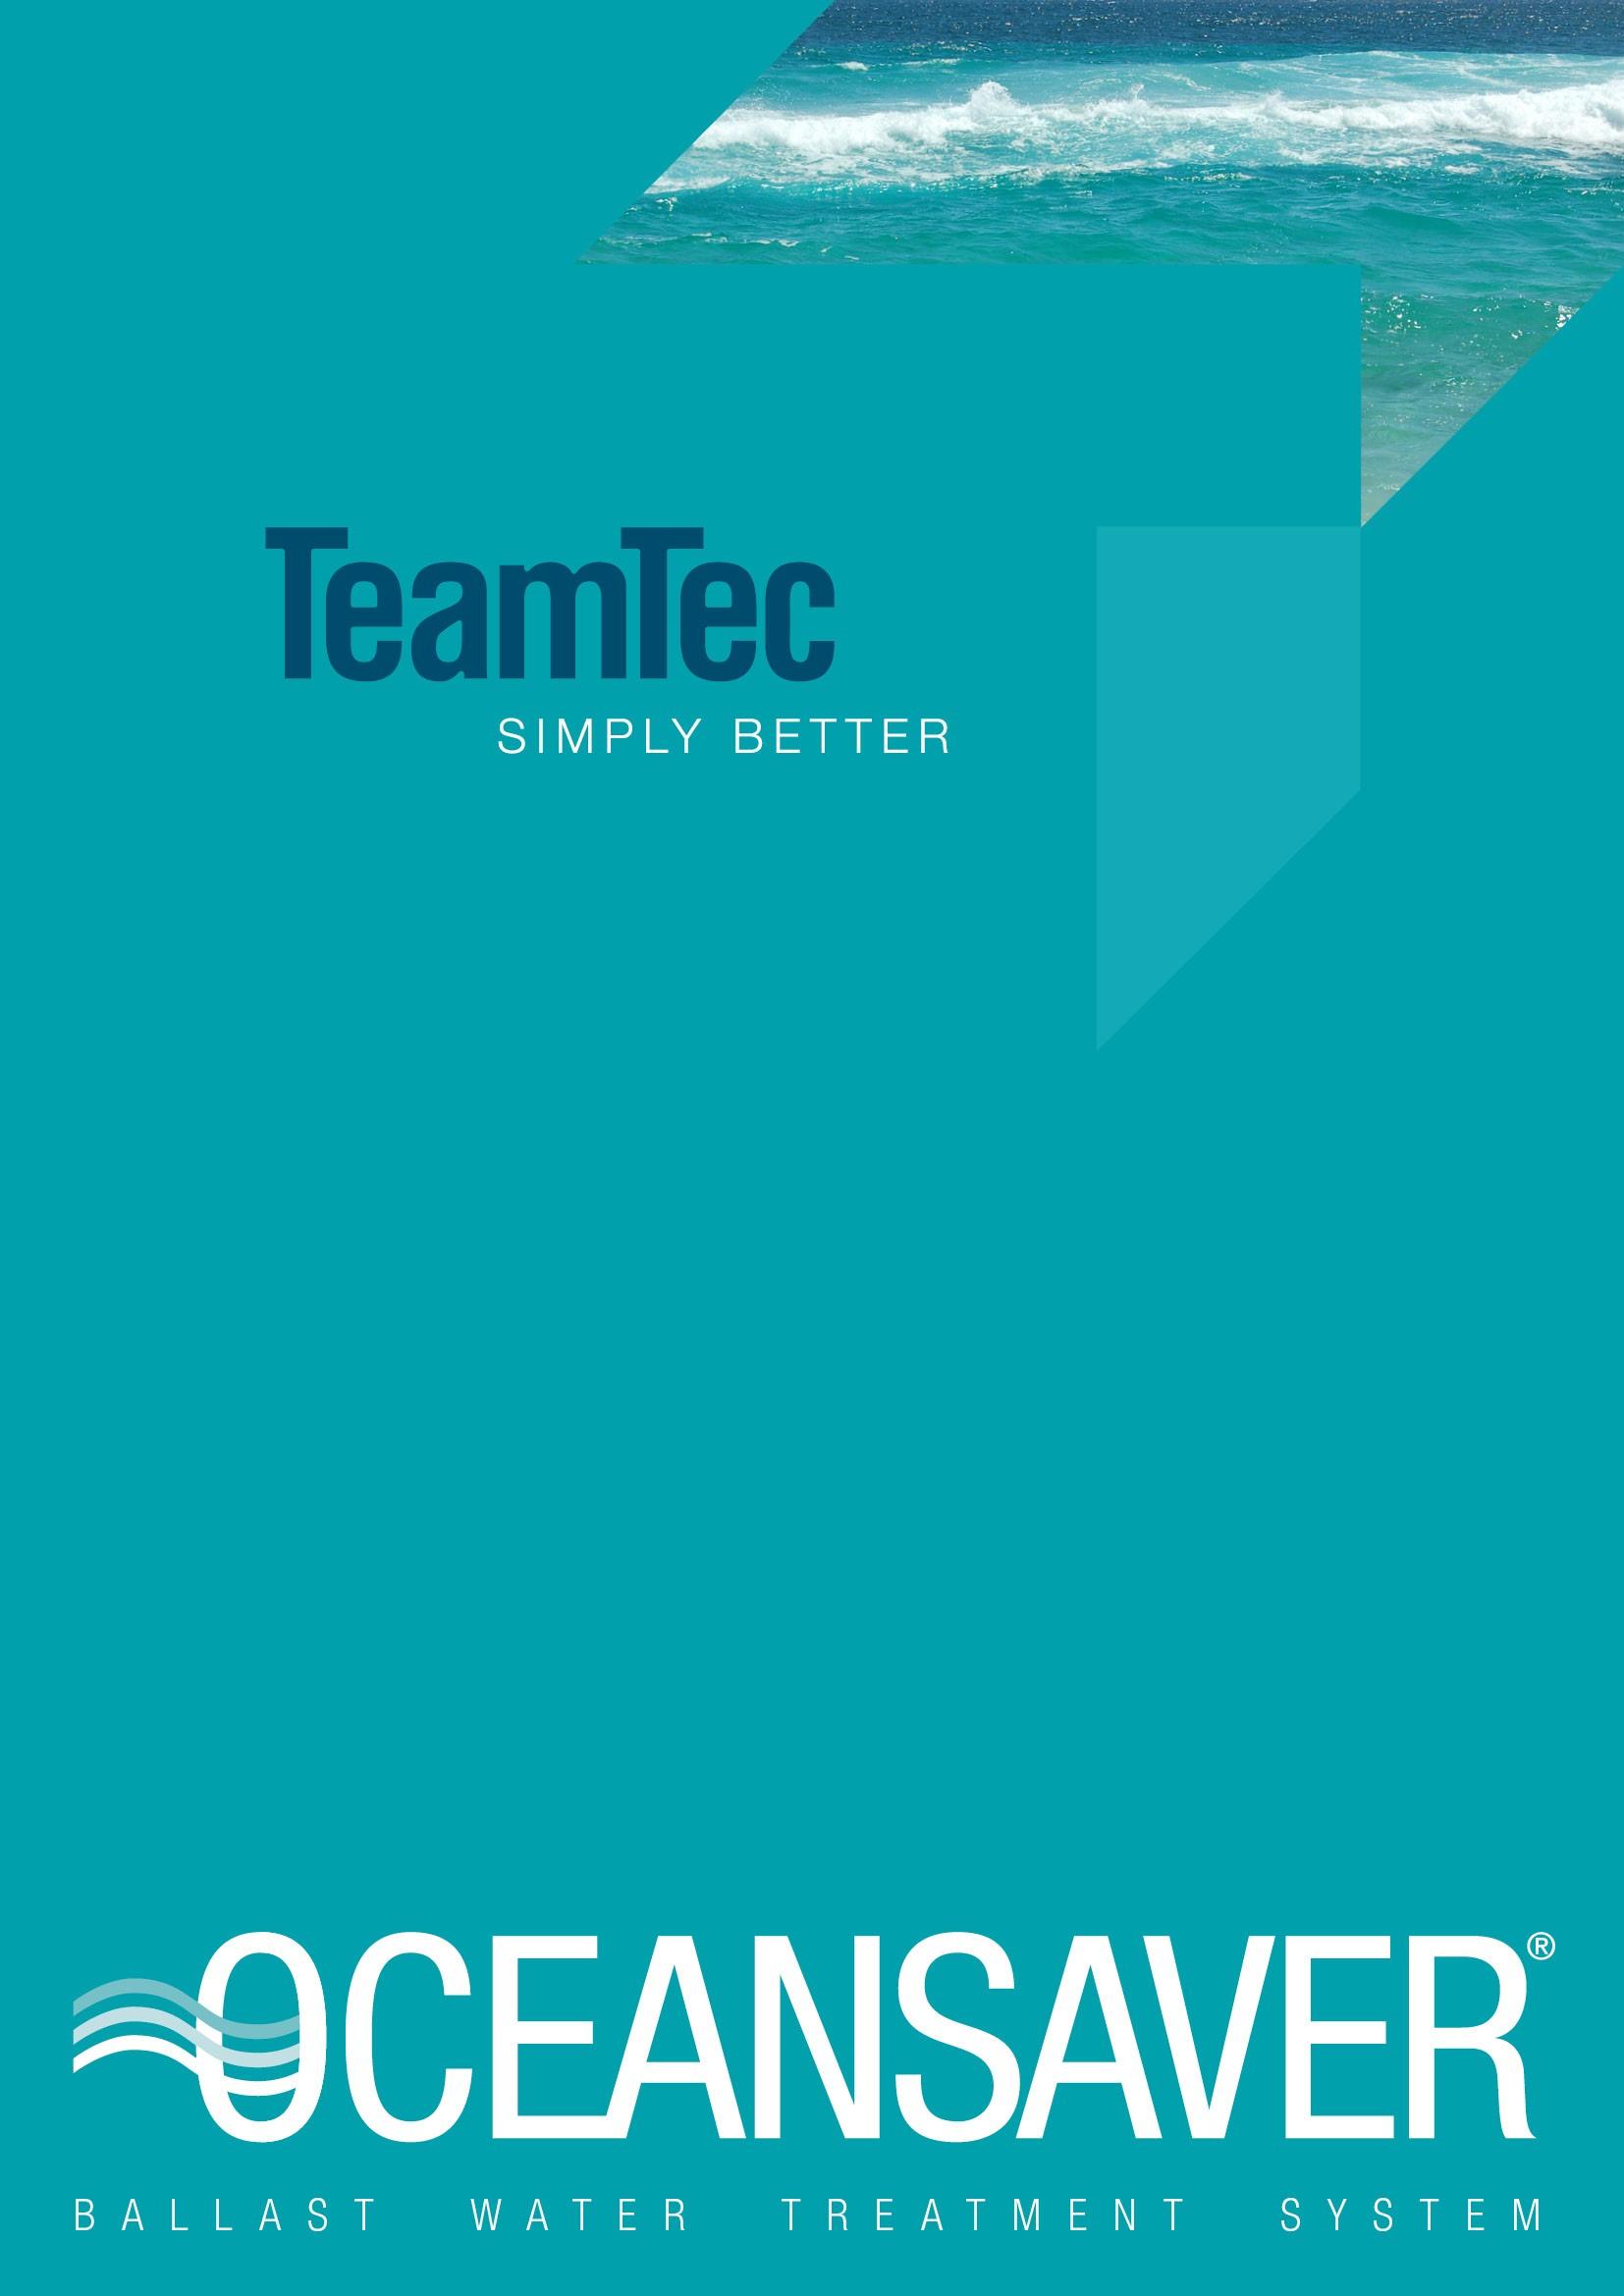 TeamTec Oceansaver